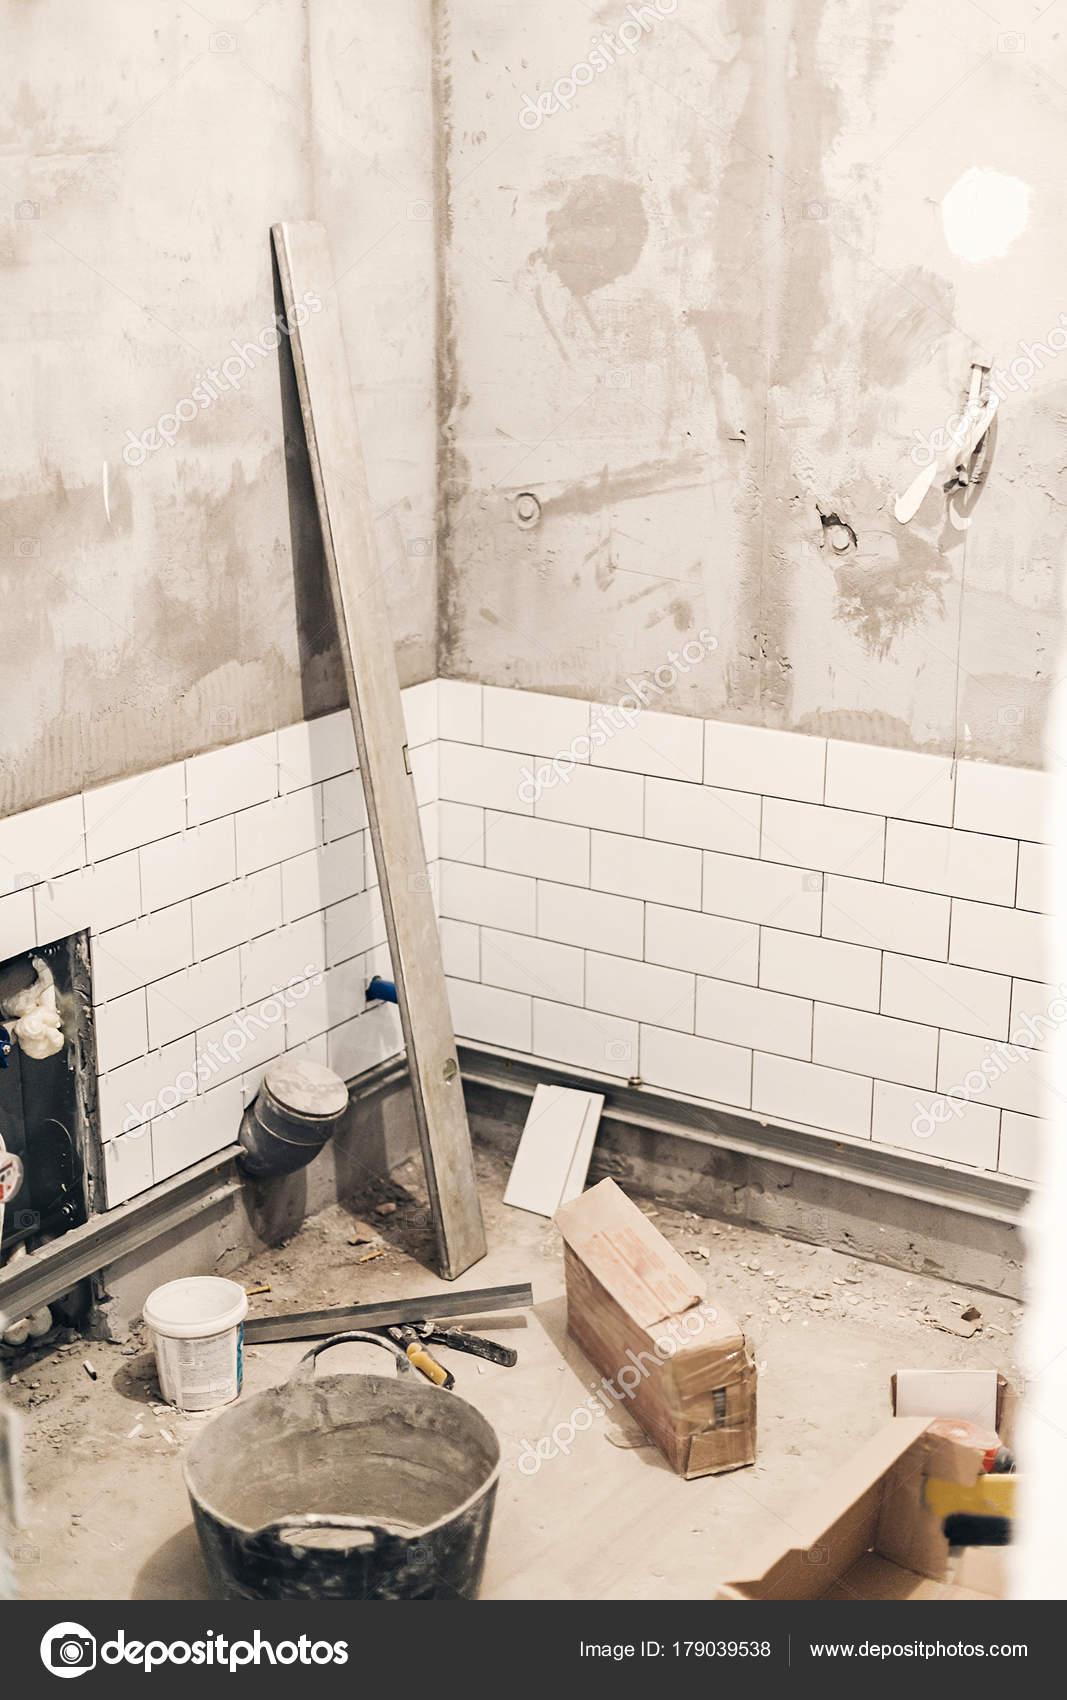 GroBartig Badezimmer Renovierung Konzept Rohre Entwässerung Und Weiße Stilvolle  Fliesen Wand U2014 Stockfoto